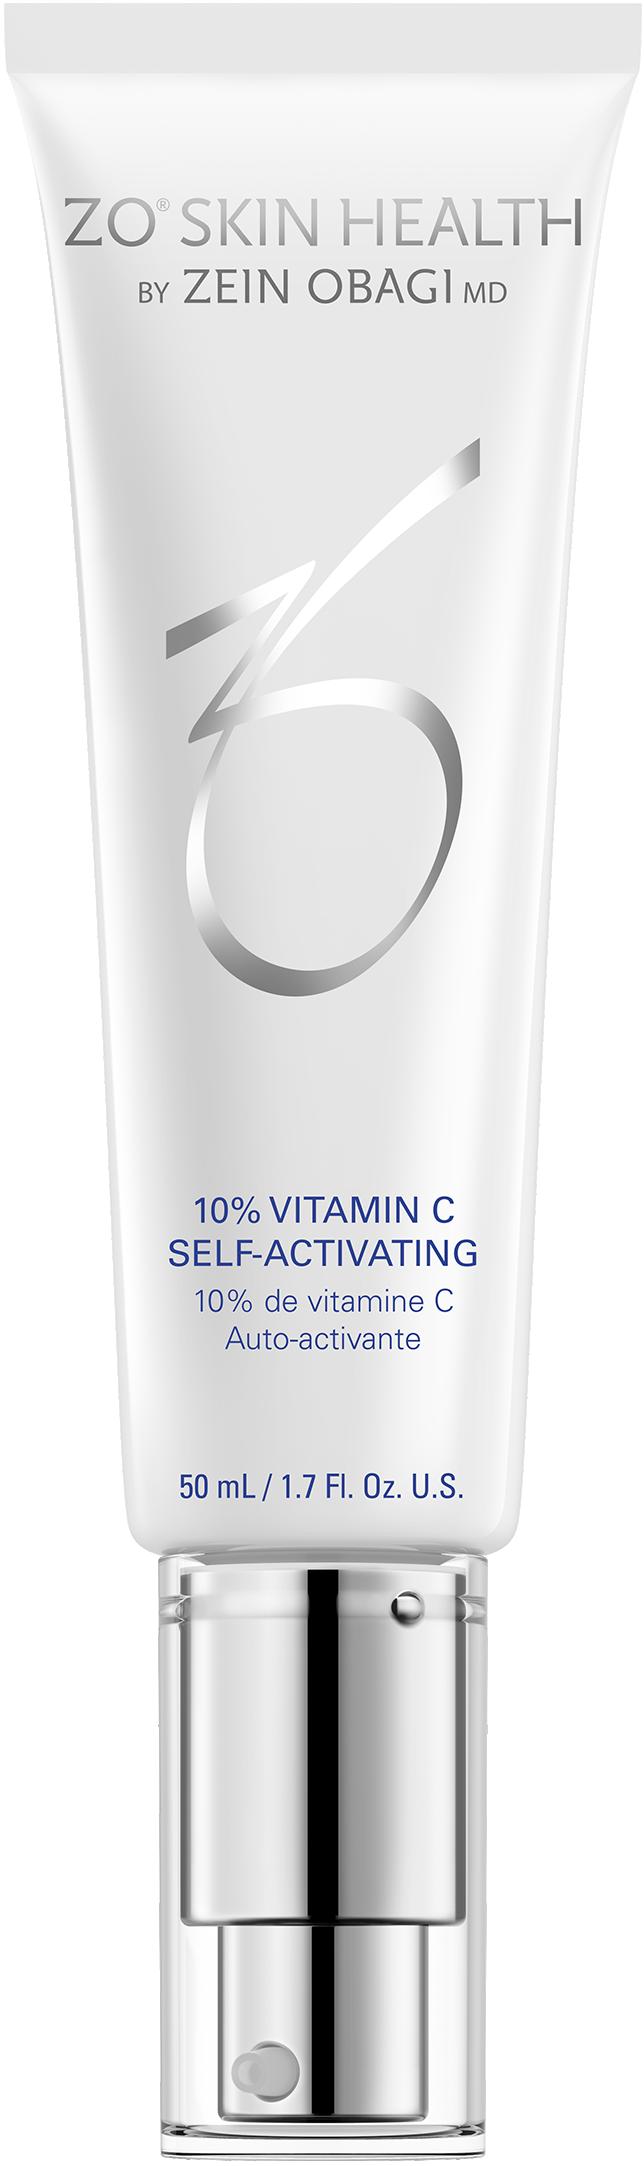 10% Vitamin C Serum